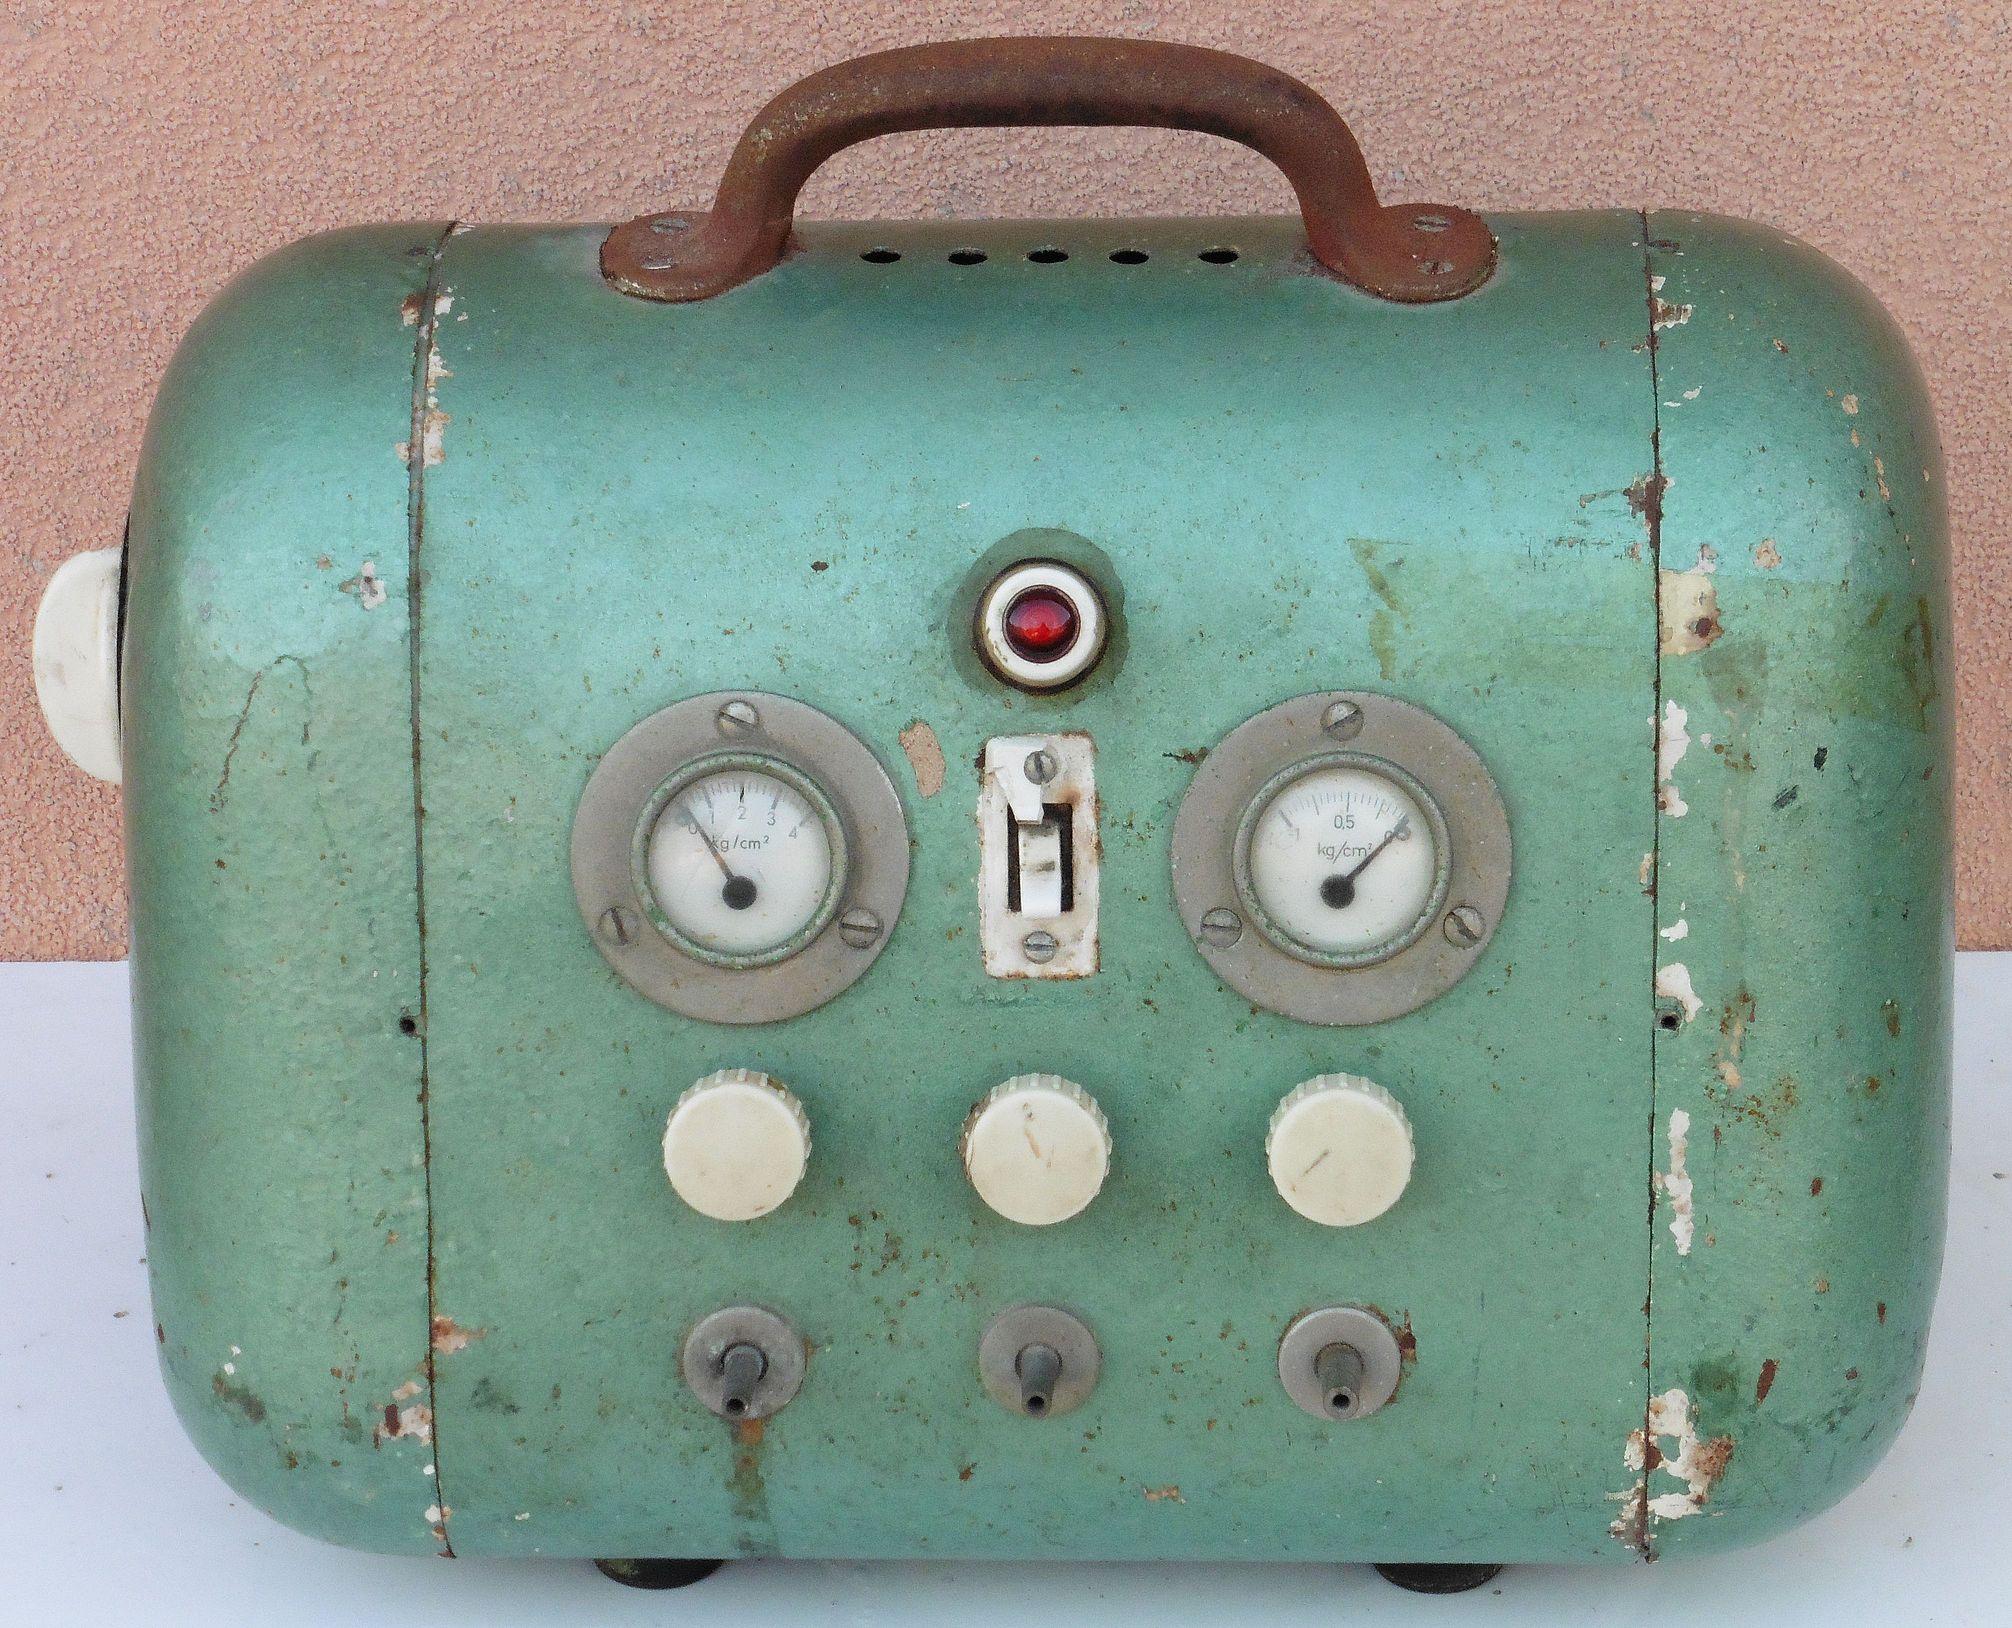 Prvi proizvodi tvrtke datiraju iz početka 1950-tih godina, a radilo se o.